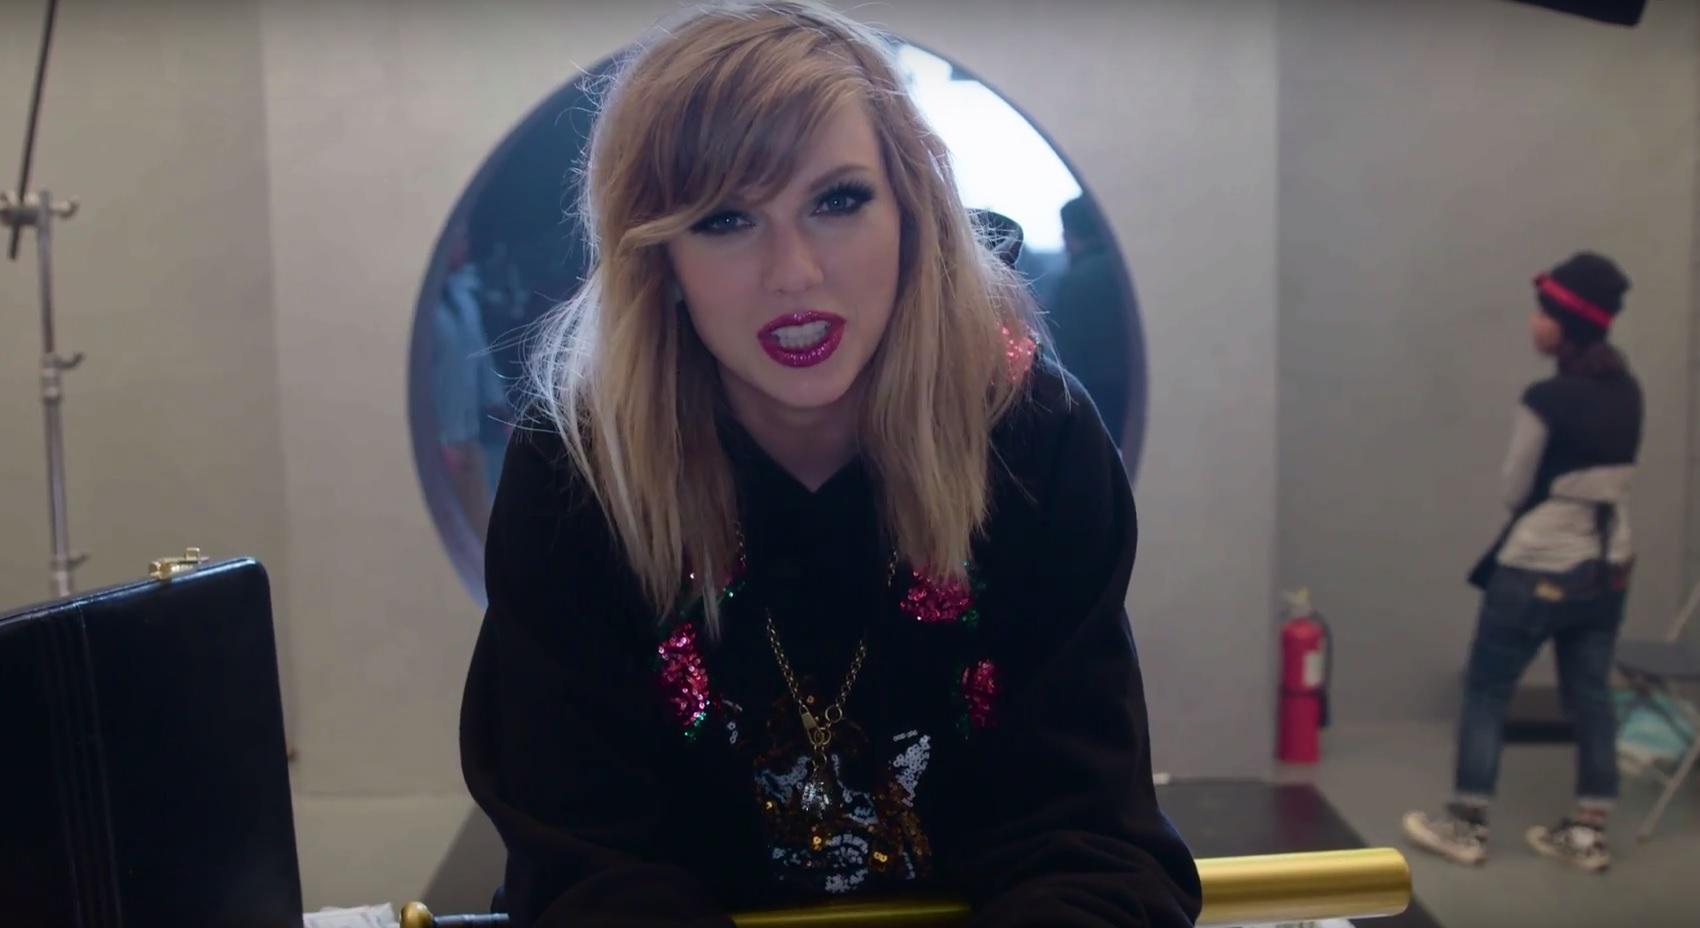 Perseguidor de Taylor Swift será monitorado por 10 anos após ameaças, informa TMZ